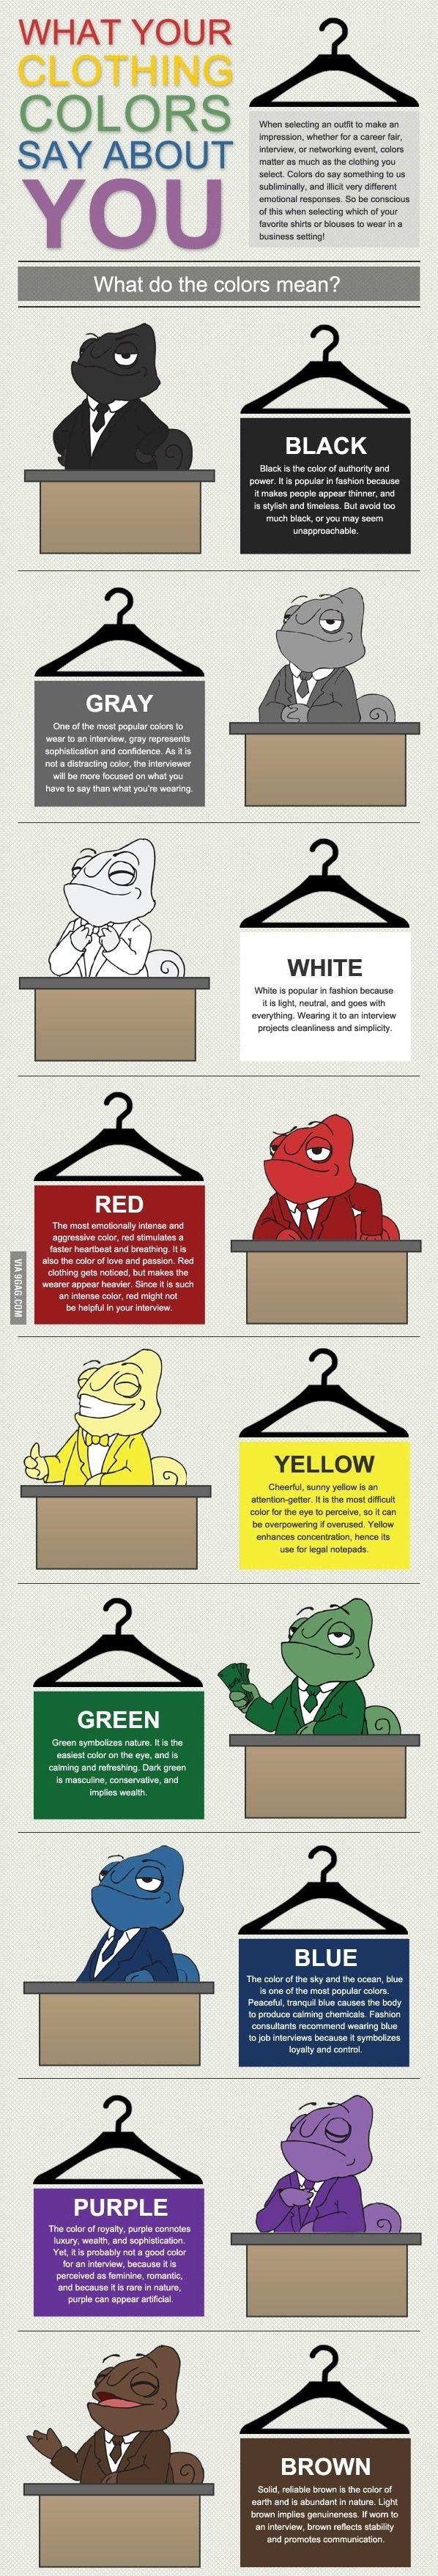 El #color en tu vestimenta dice mas de lo crees. Que dice tu seleccion de hoy?